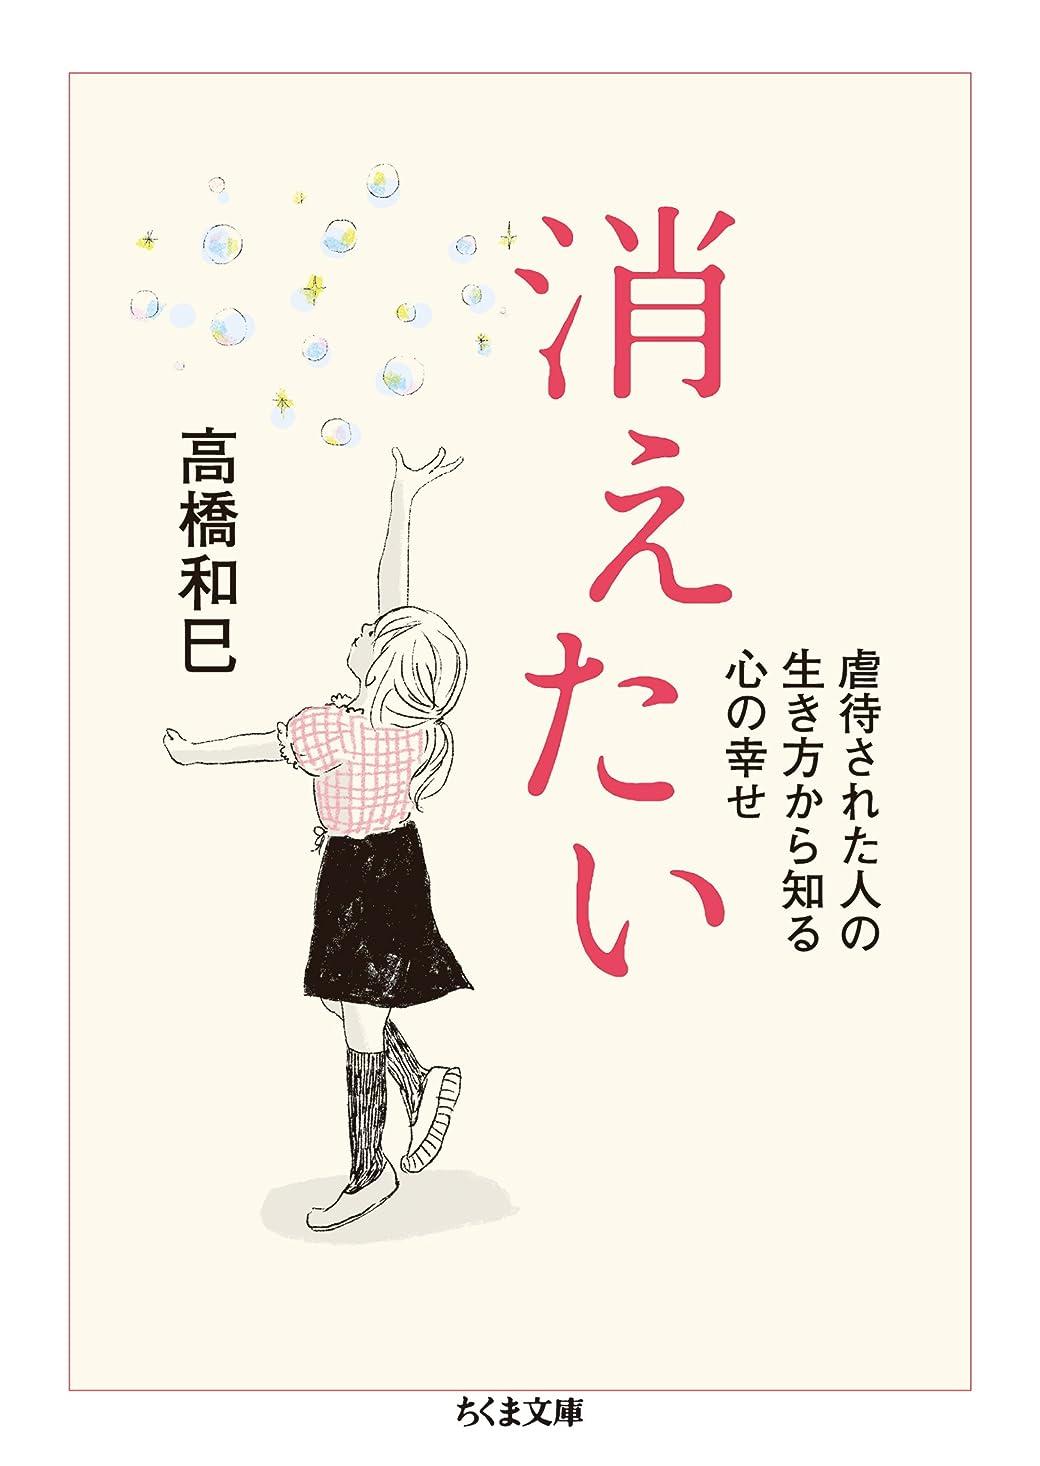 発行本を読む絶対の消えたい ──虐待された人の生き方から知る心の幸せ (ちくま文庫)